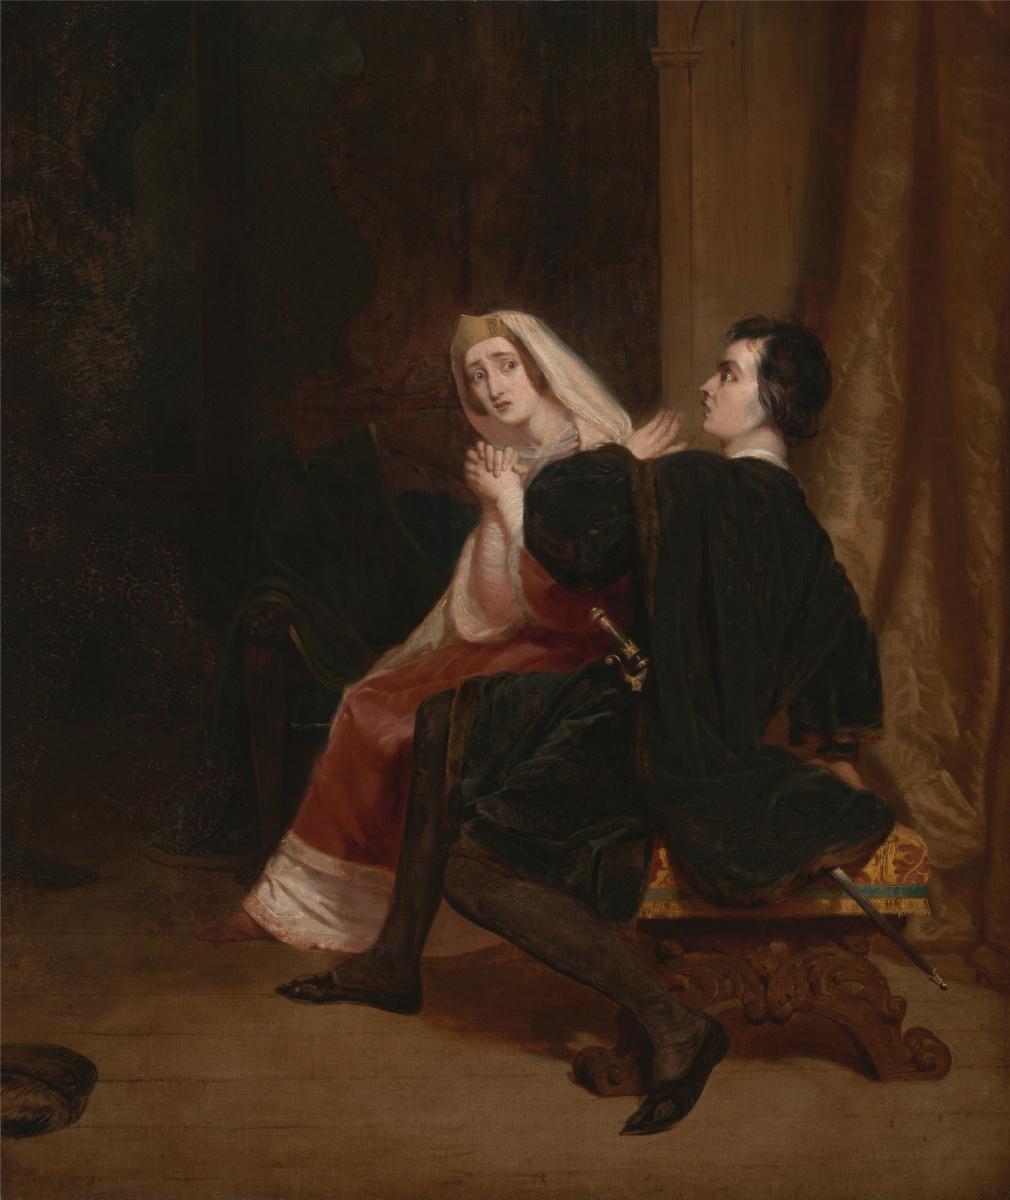 Ричард Дадд. Hamlet and his mother